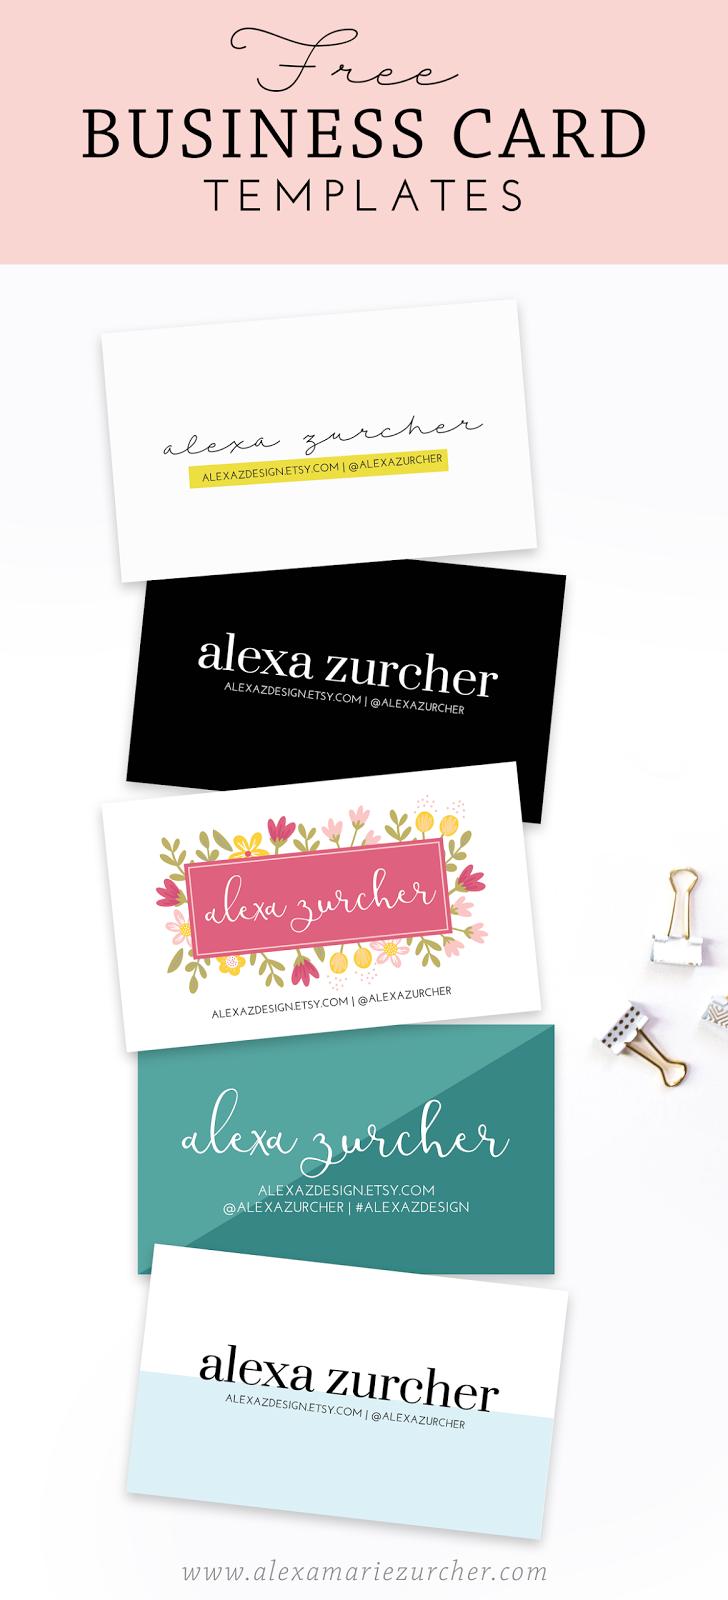 FREE Business Card Templates / Alexa Zurcher